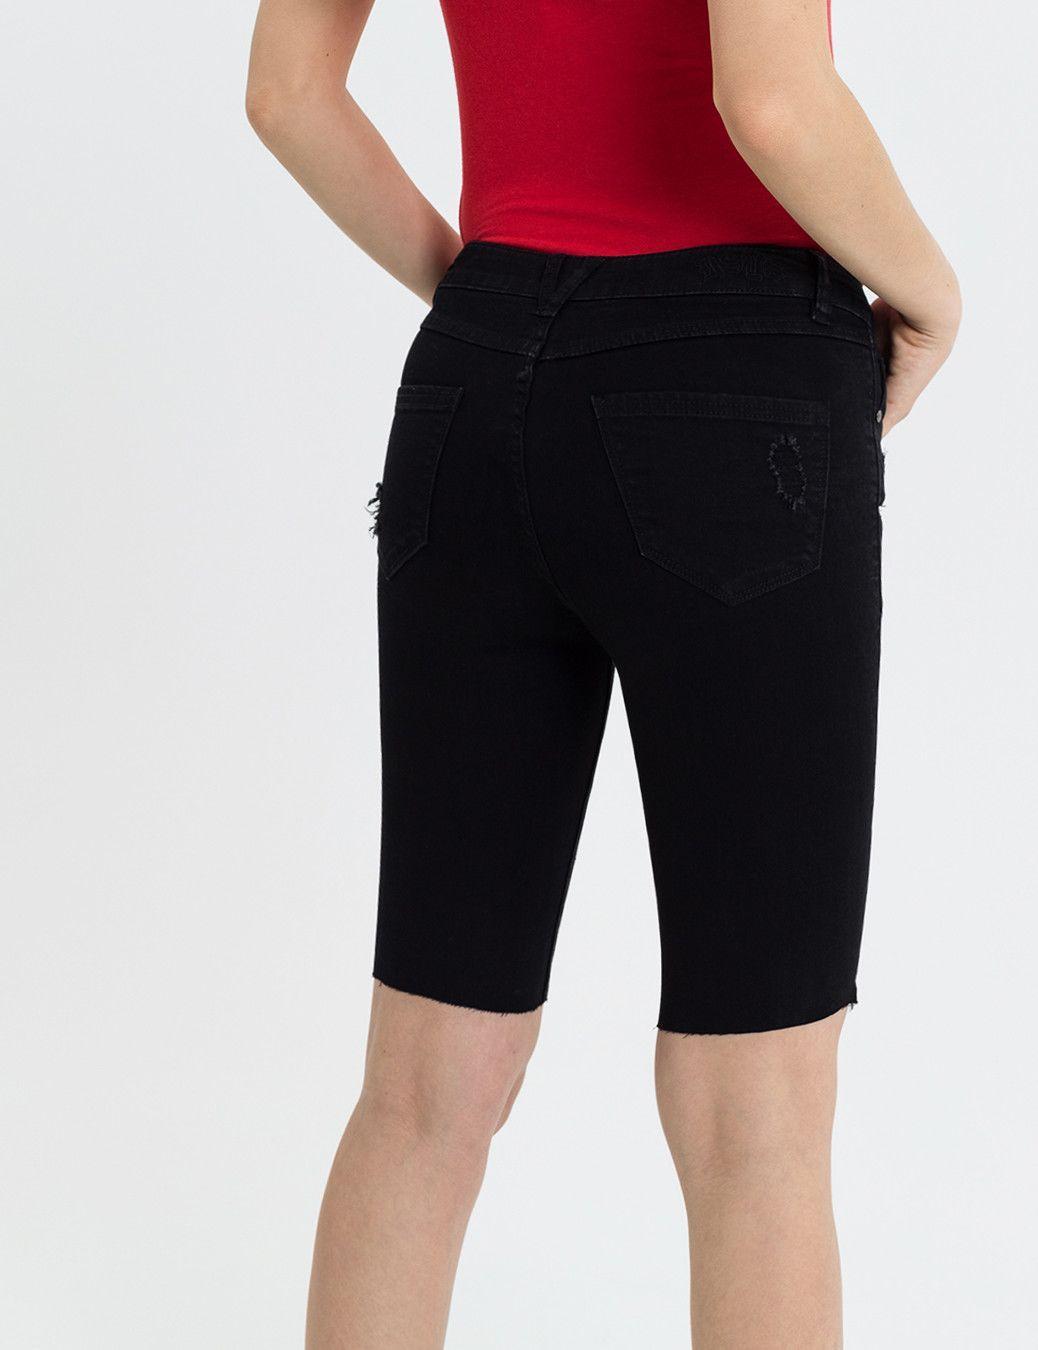 Kraťasy dámské SAMANA jeans - Sasoo.cz – nejpřívětivější eshop s  individuálním přístupem. 9d0e824462